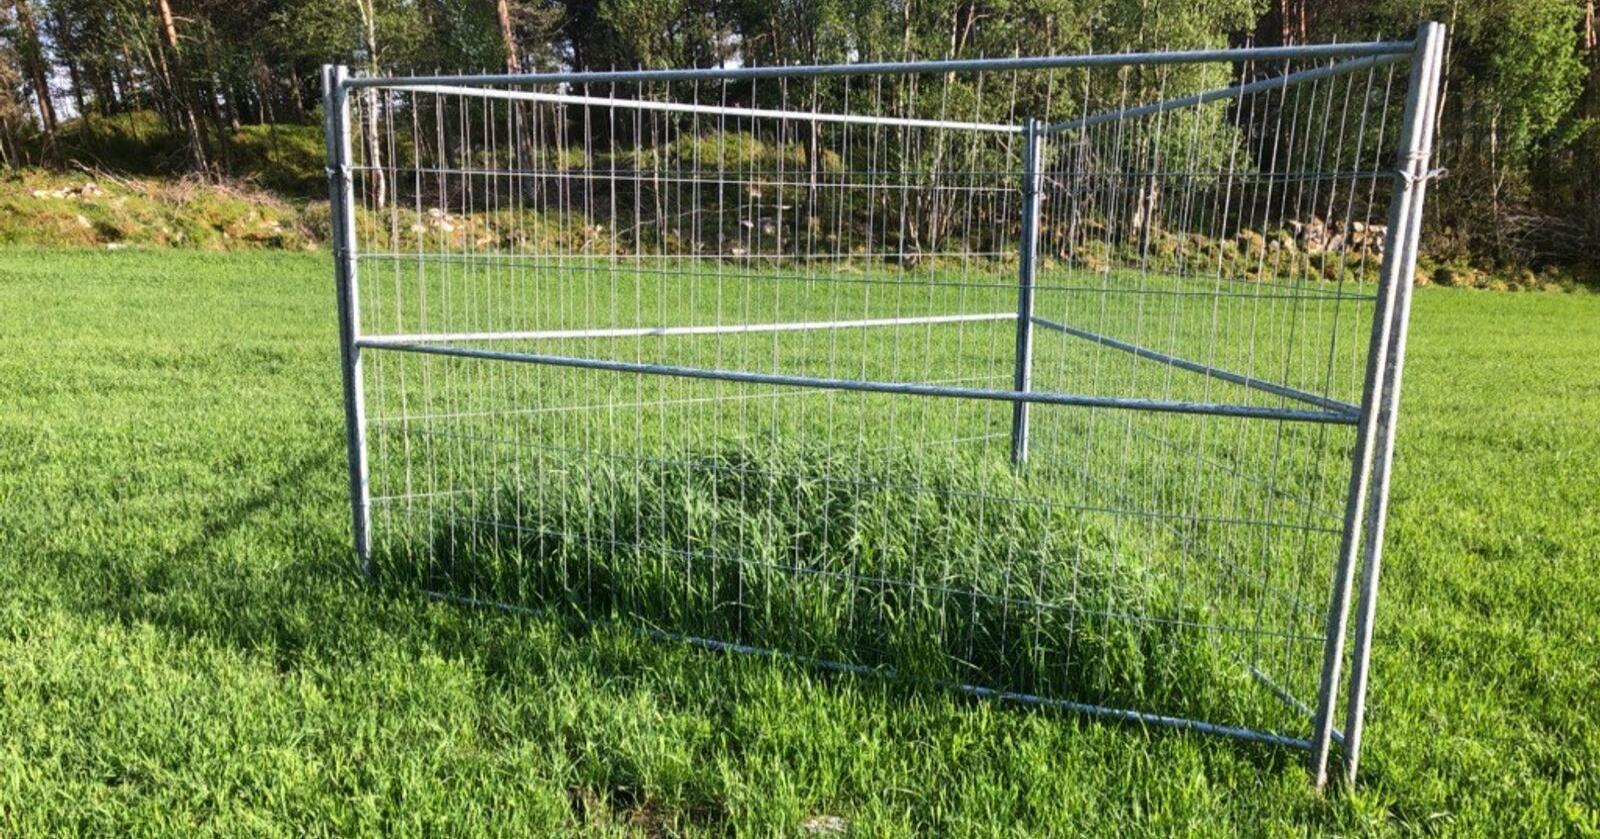 INNENFOR: Dette burbildet er tatt av feltvert og bonde Knut Emil Mæle fra Aure. Hadde ikke hjort beitet på enga, ville den ha stått like høyt som graset inne i buret. Foto: Knut Emil Mæle